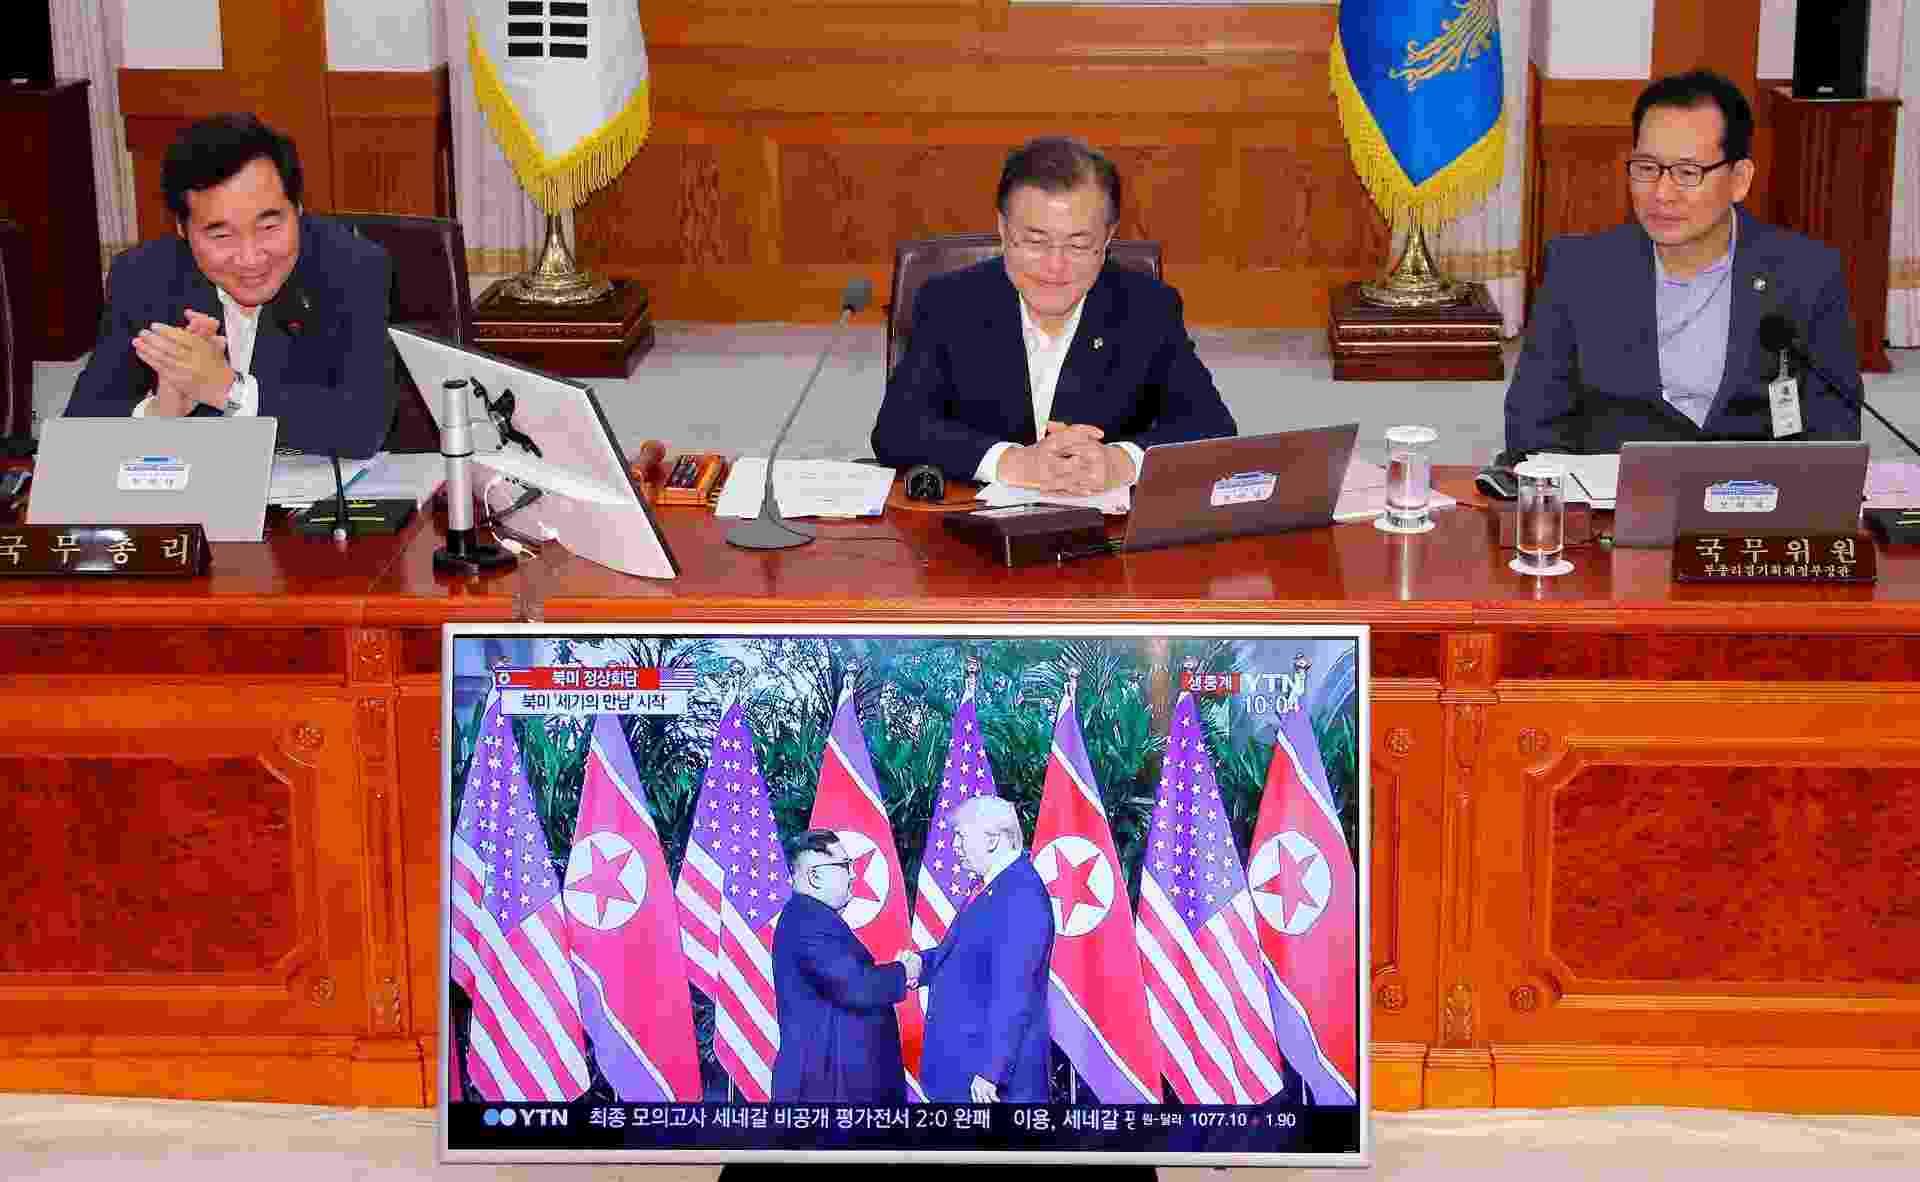 12.jun.2018 - O presidente sul-coreano Moon Jae-in assiste pela televisão a encontro entre o norte-coreano Kim Jong-Un e o norte-americano Donald Trump, em Singapura - Yonhap via Reuters